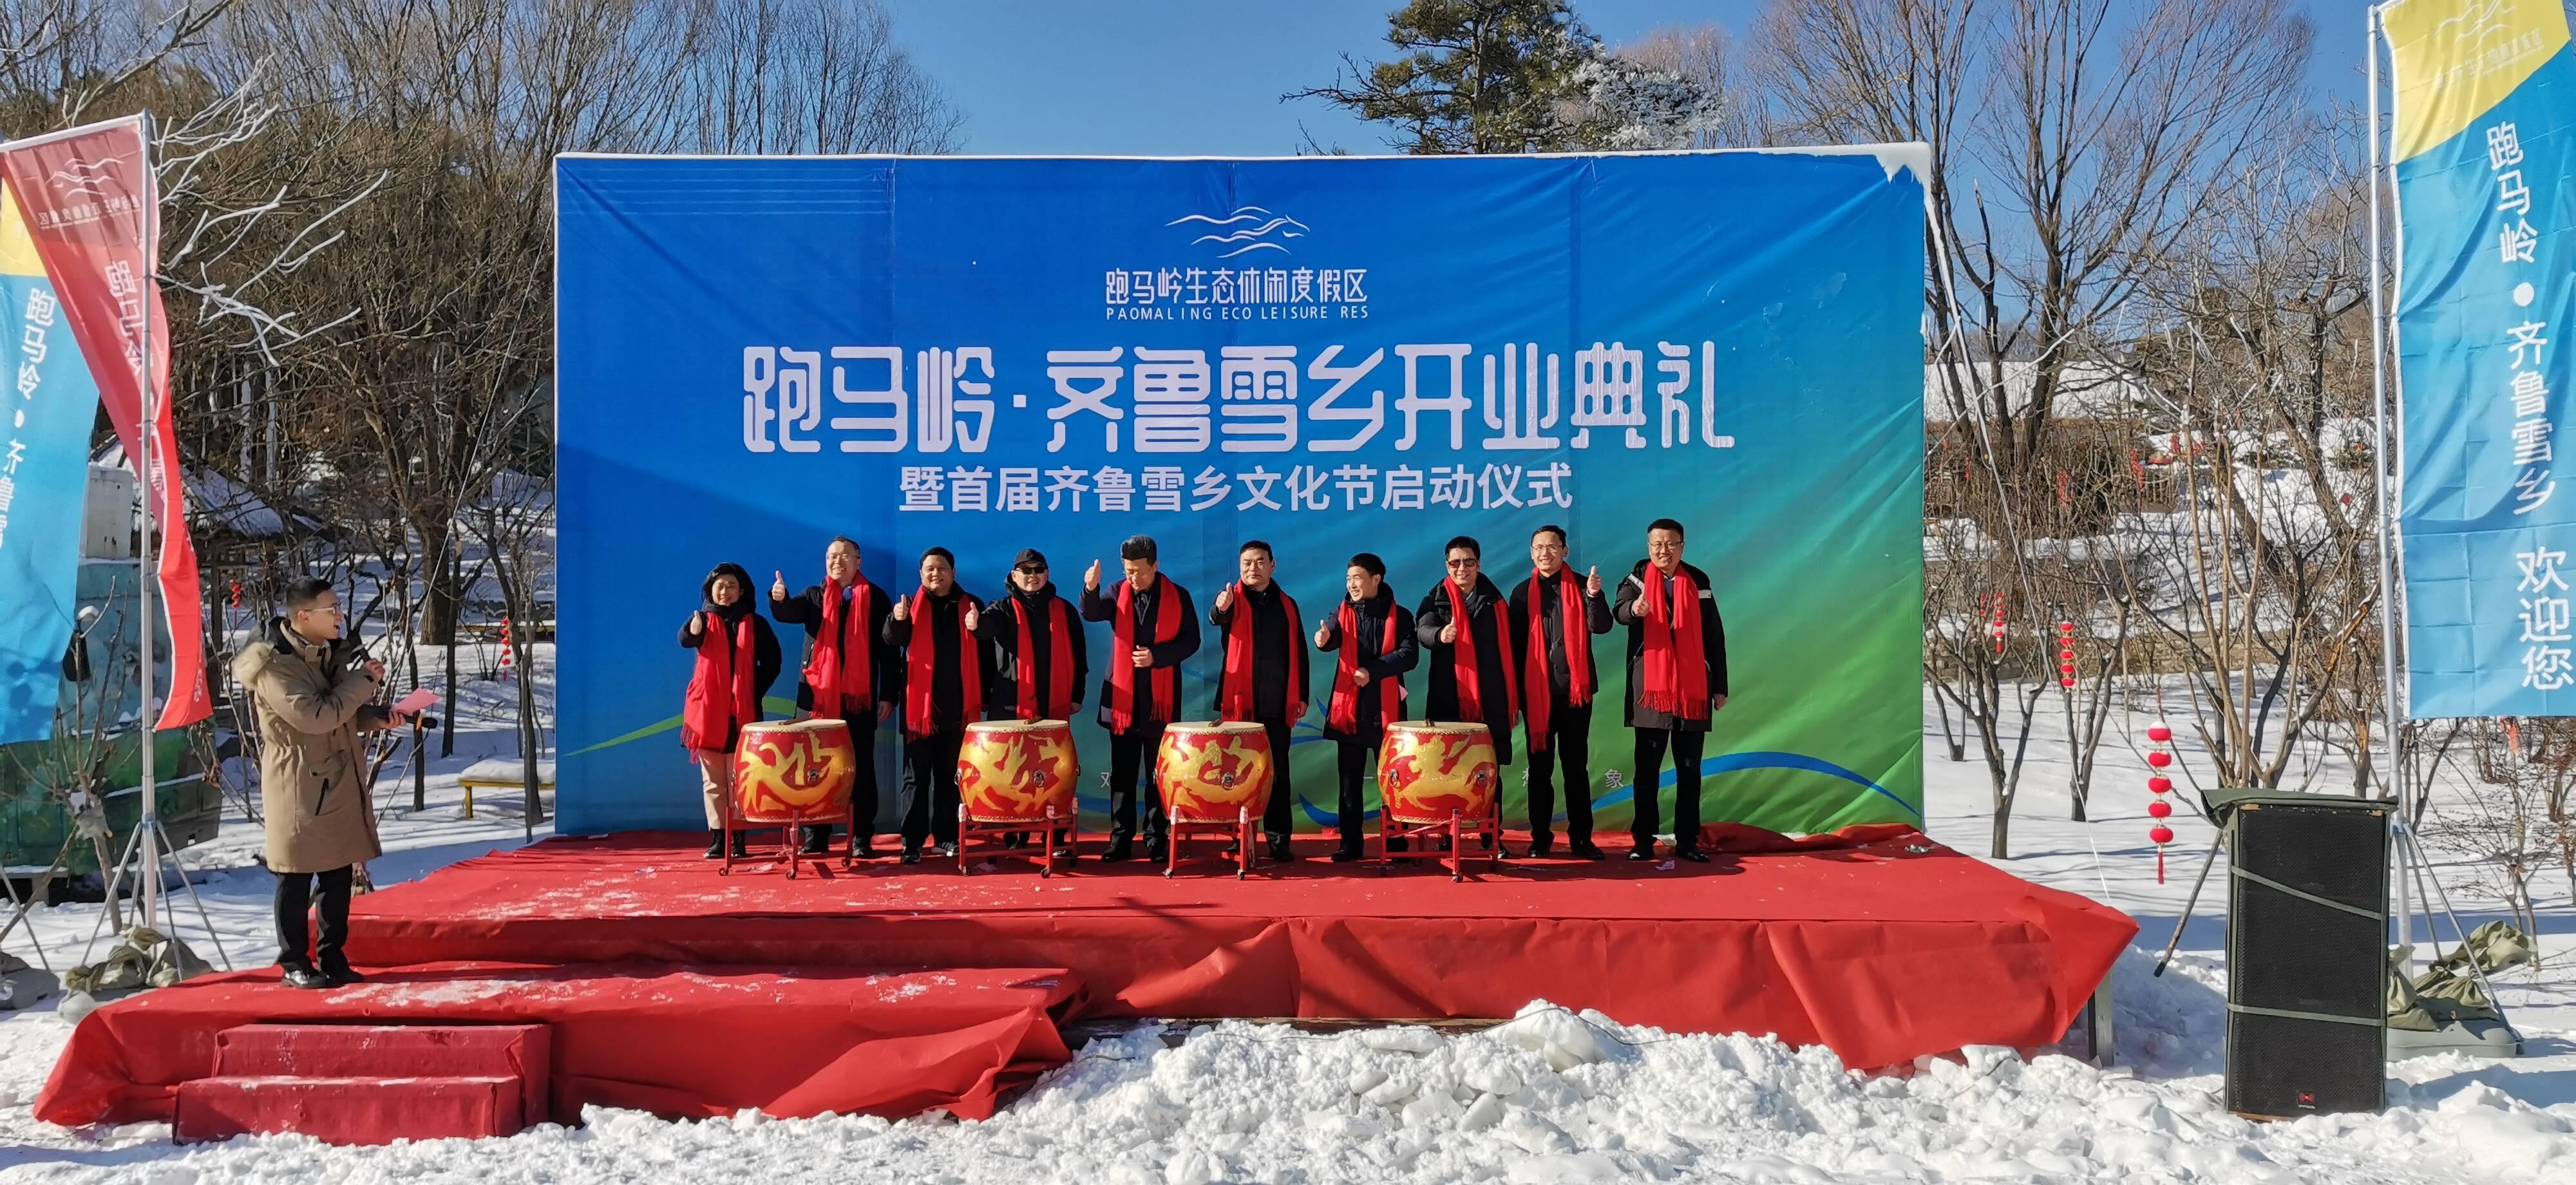 """新年新气象 山东首家雪乡主题度假区""""跑马岭·齐鲁雪乡""""等你来"""